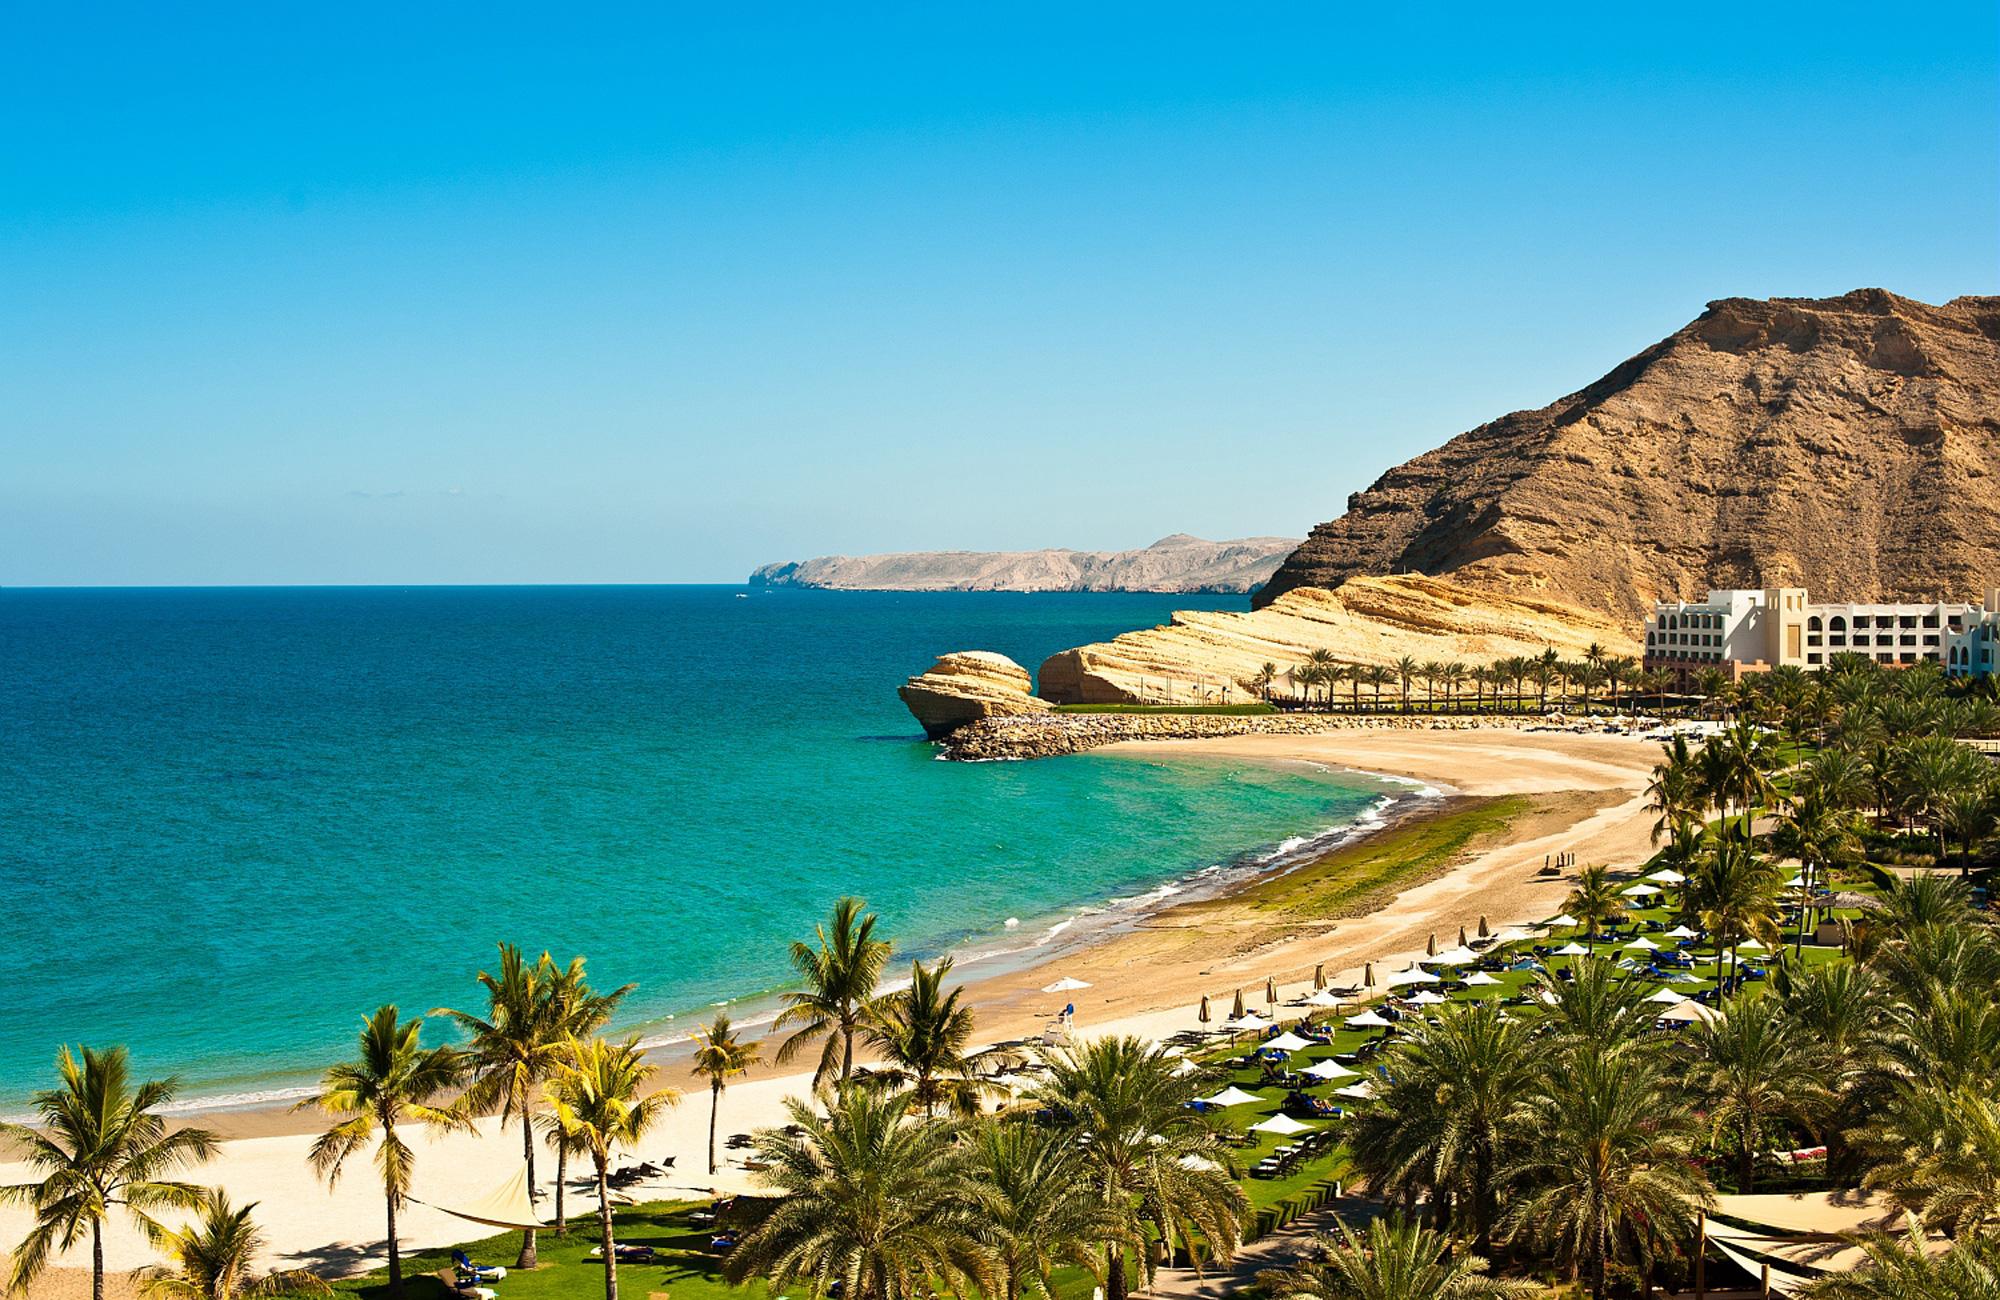 Voyage Oman - Golfe d'Oman - Amplitudes